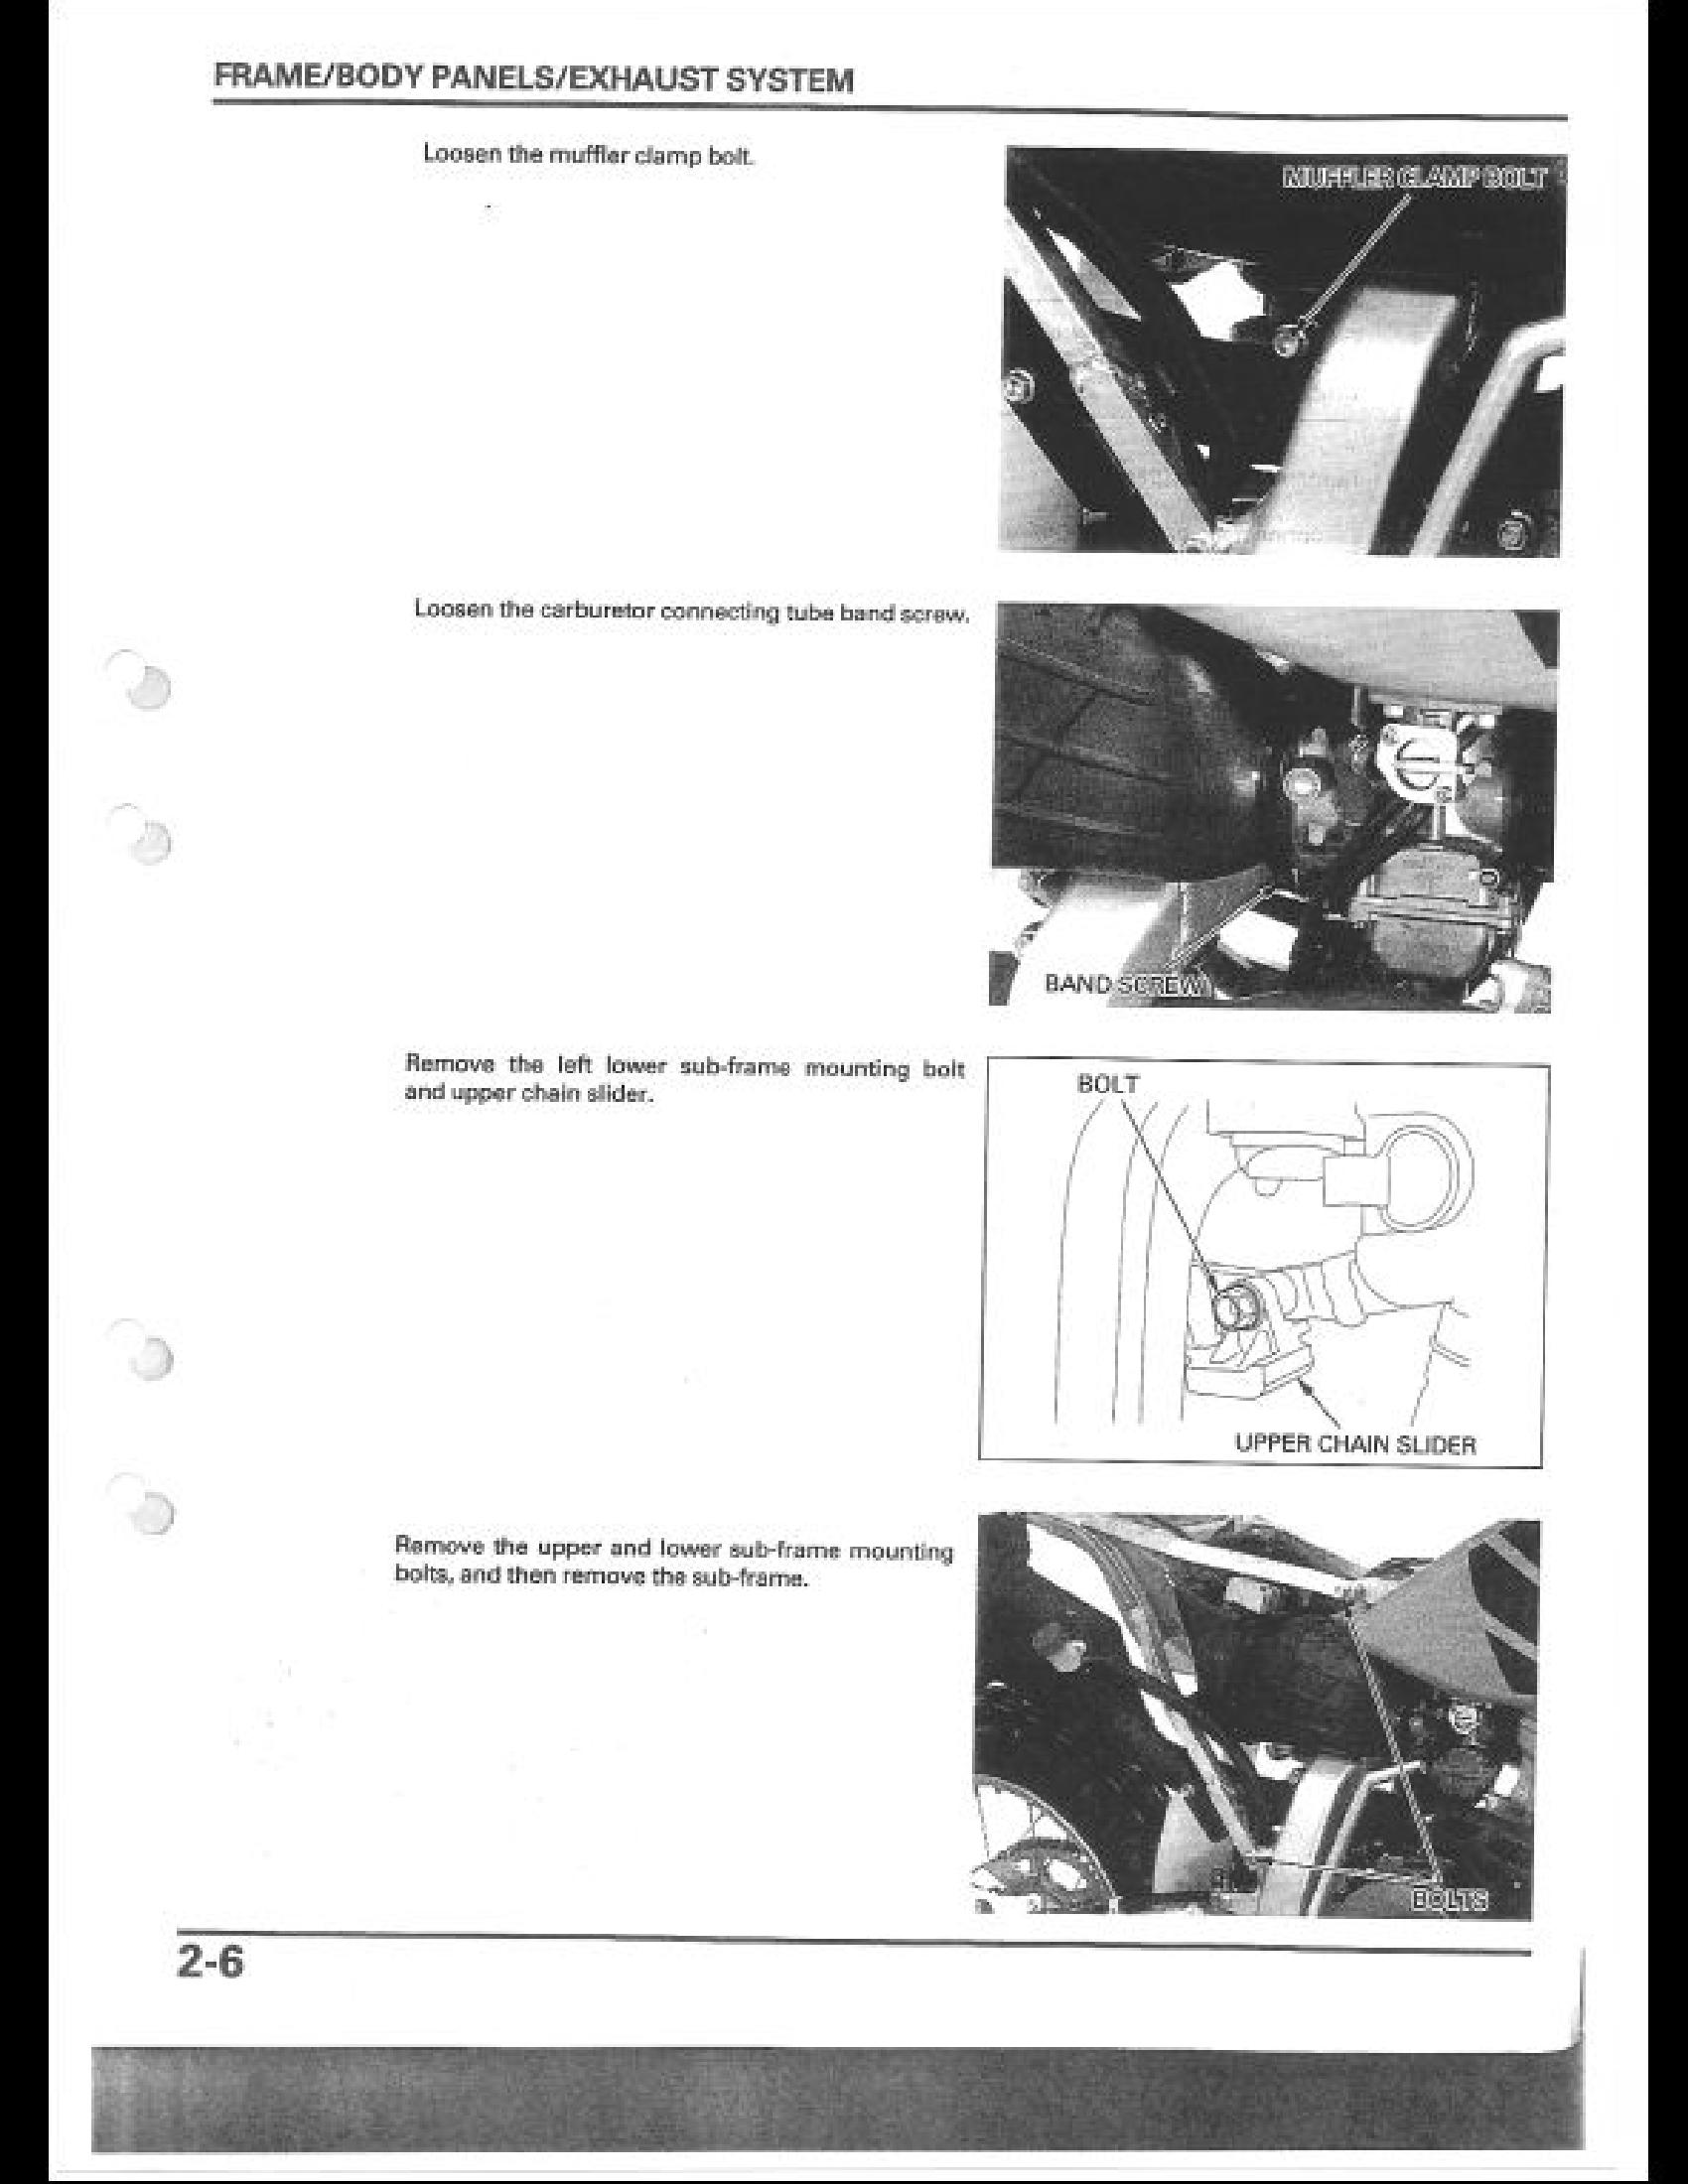 Honda XR650R Motocycle manual